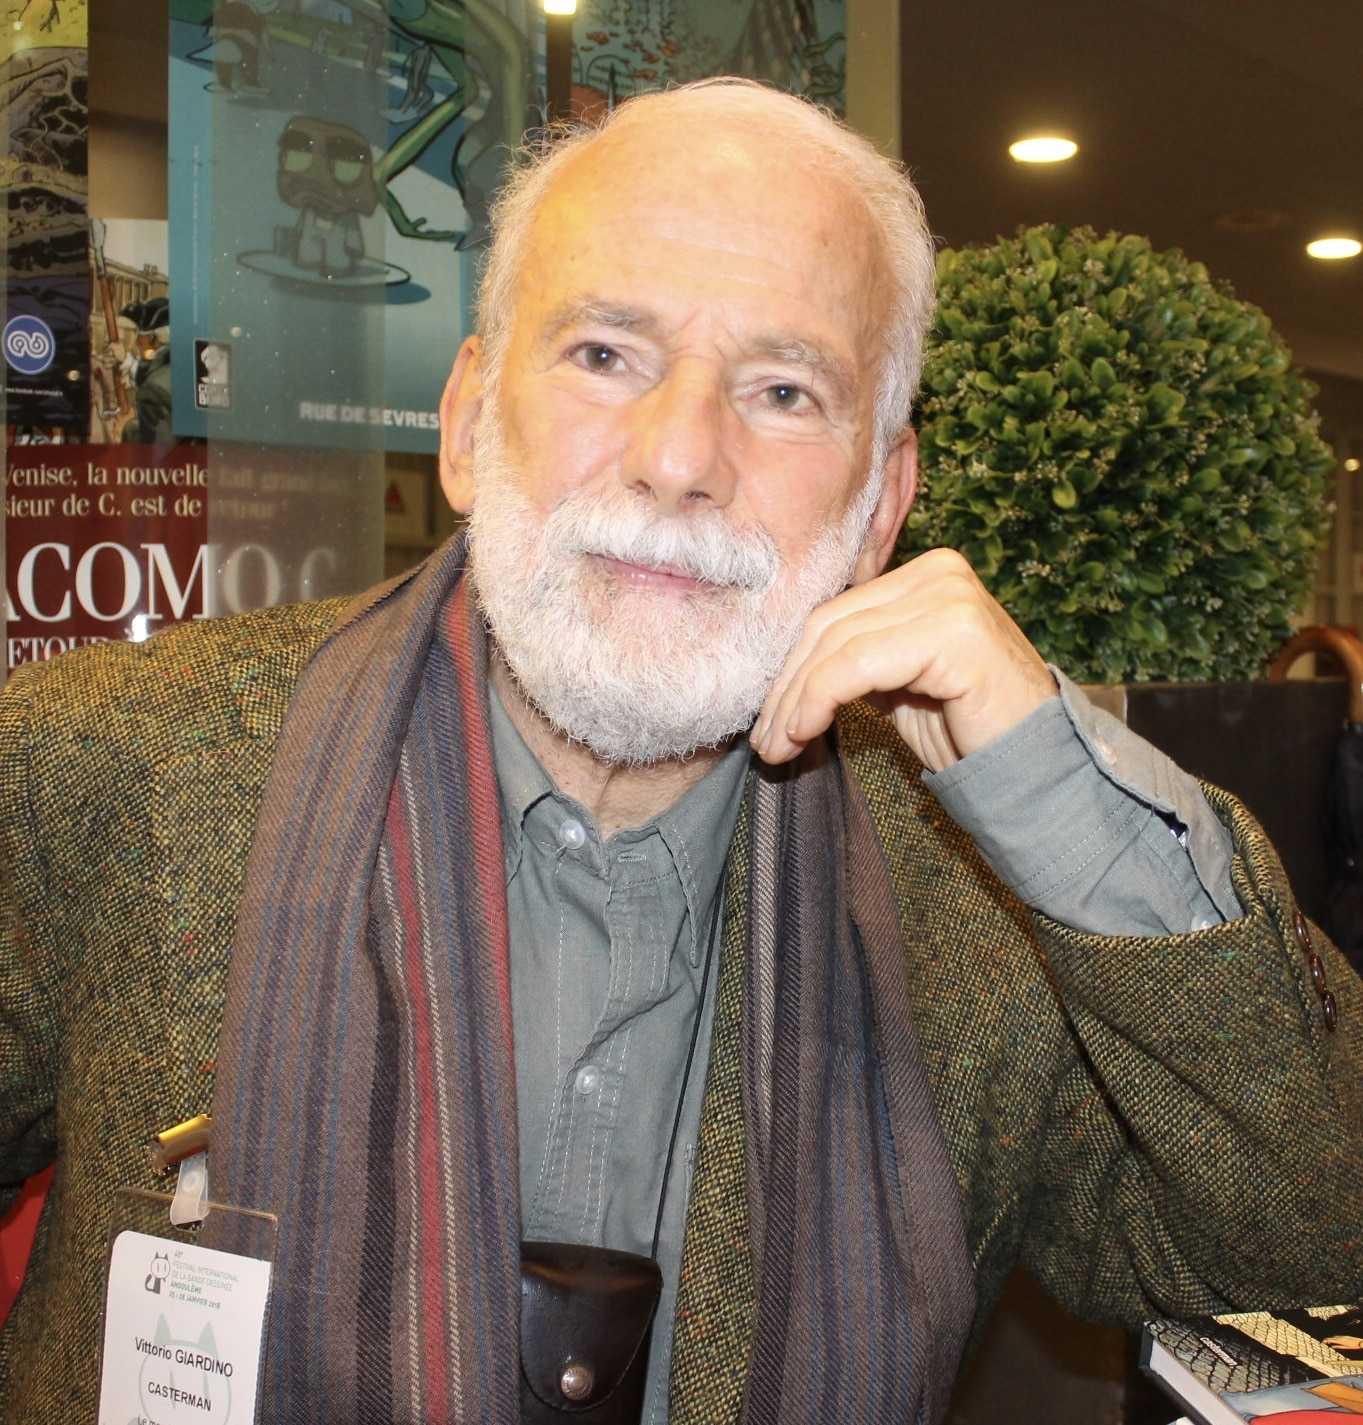 Interview : Vittorio Giardino après avoir bouclé Jonas Fink prépare un Max Fridman